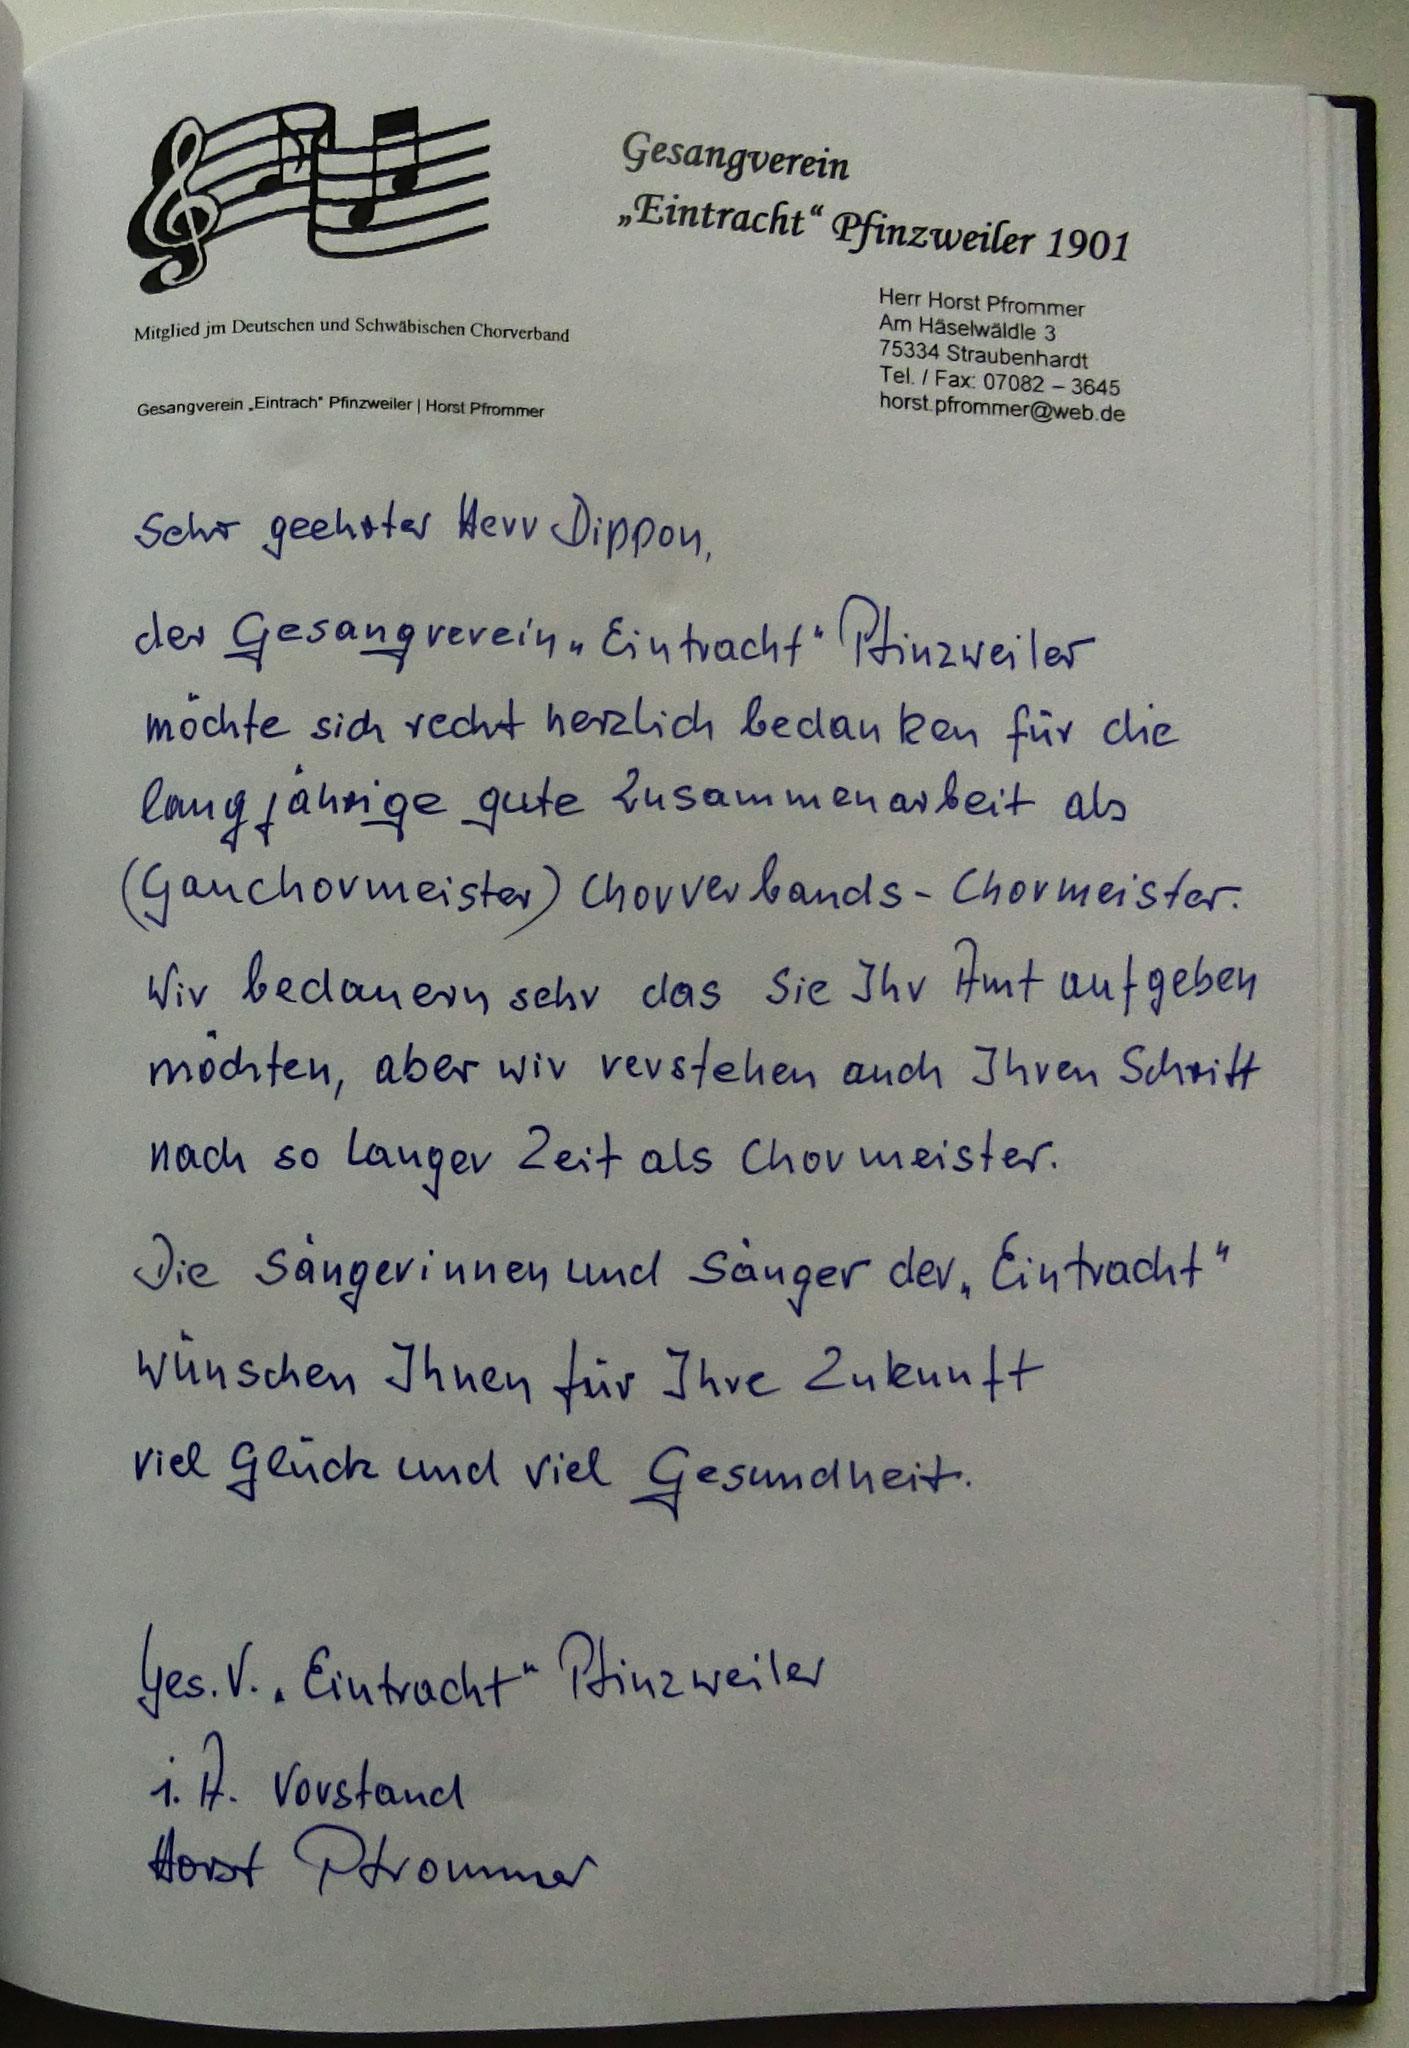 Eintracht Pfinzweiler